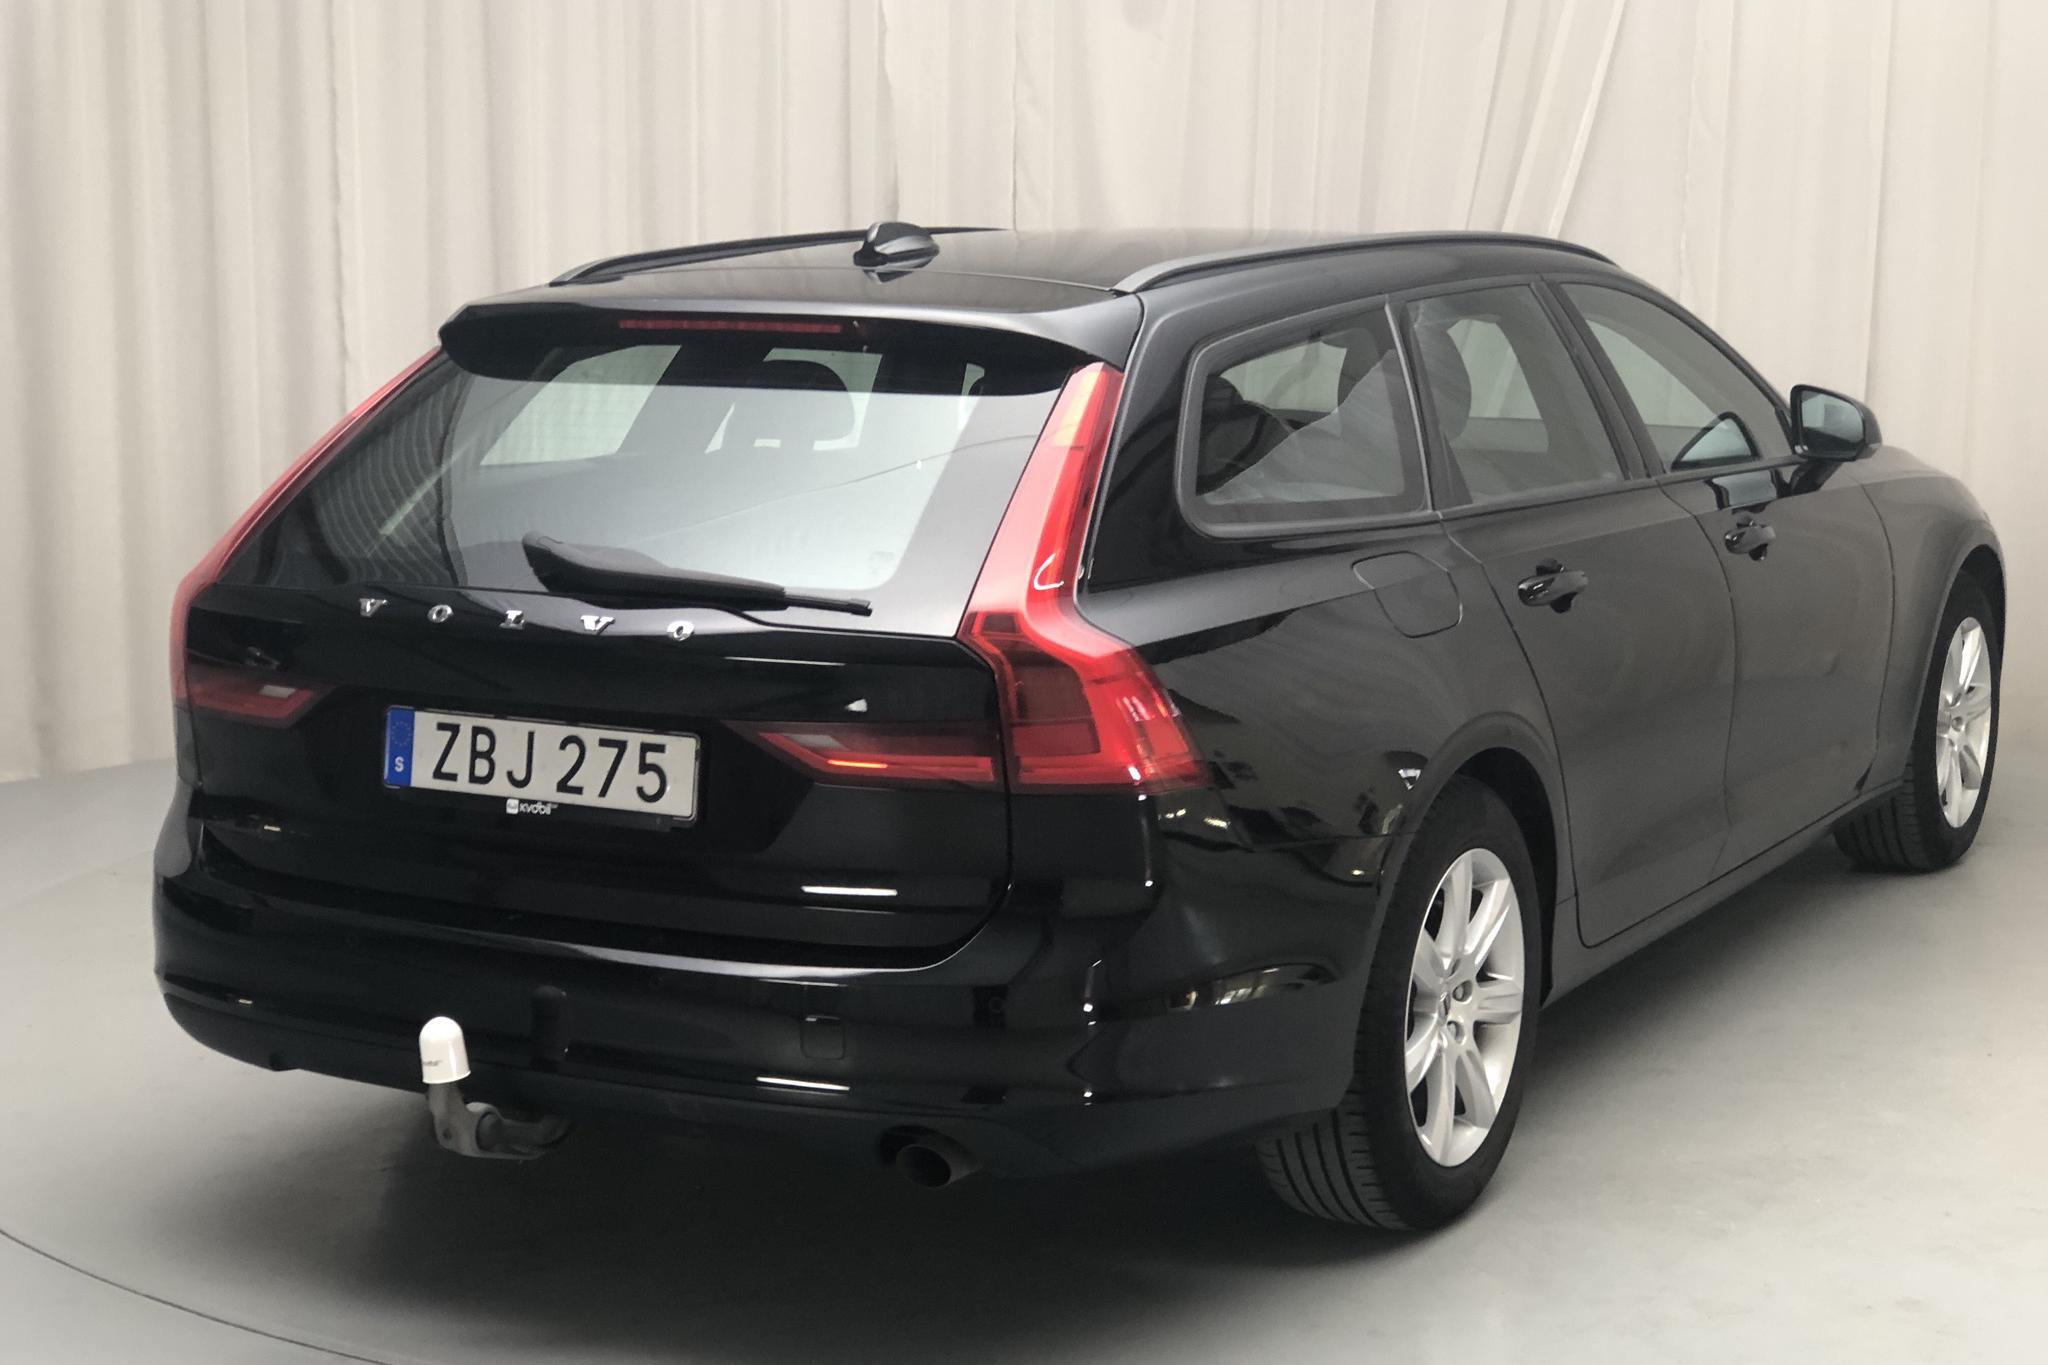 Volvo V90 D3 (150hk) - 9 995 mil - Automat - svart - 2018